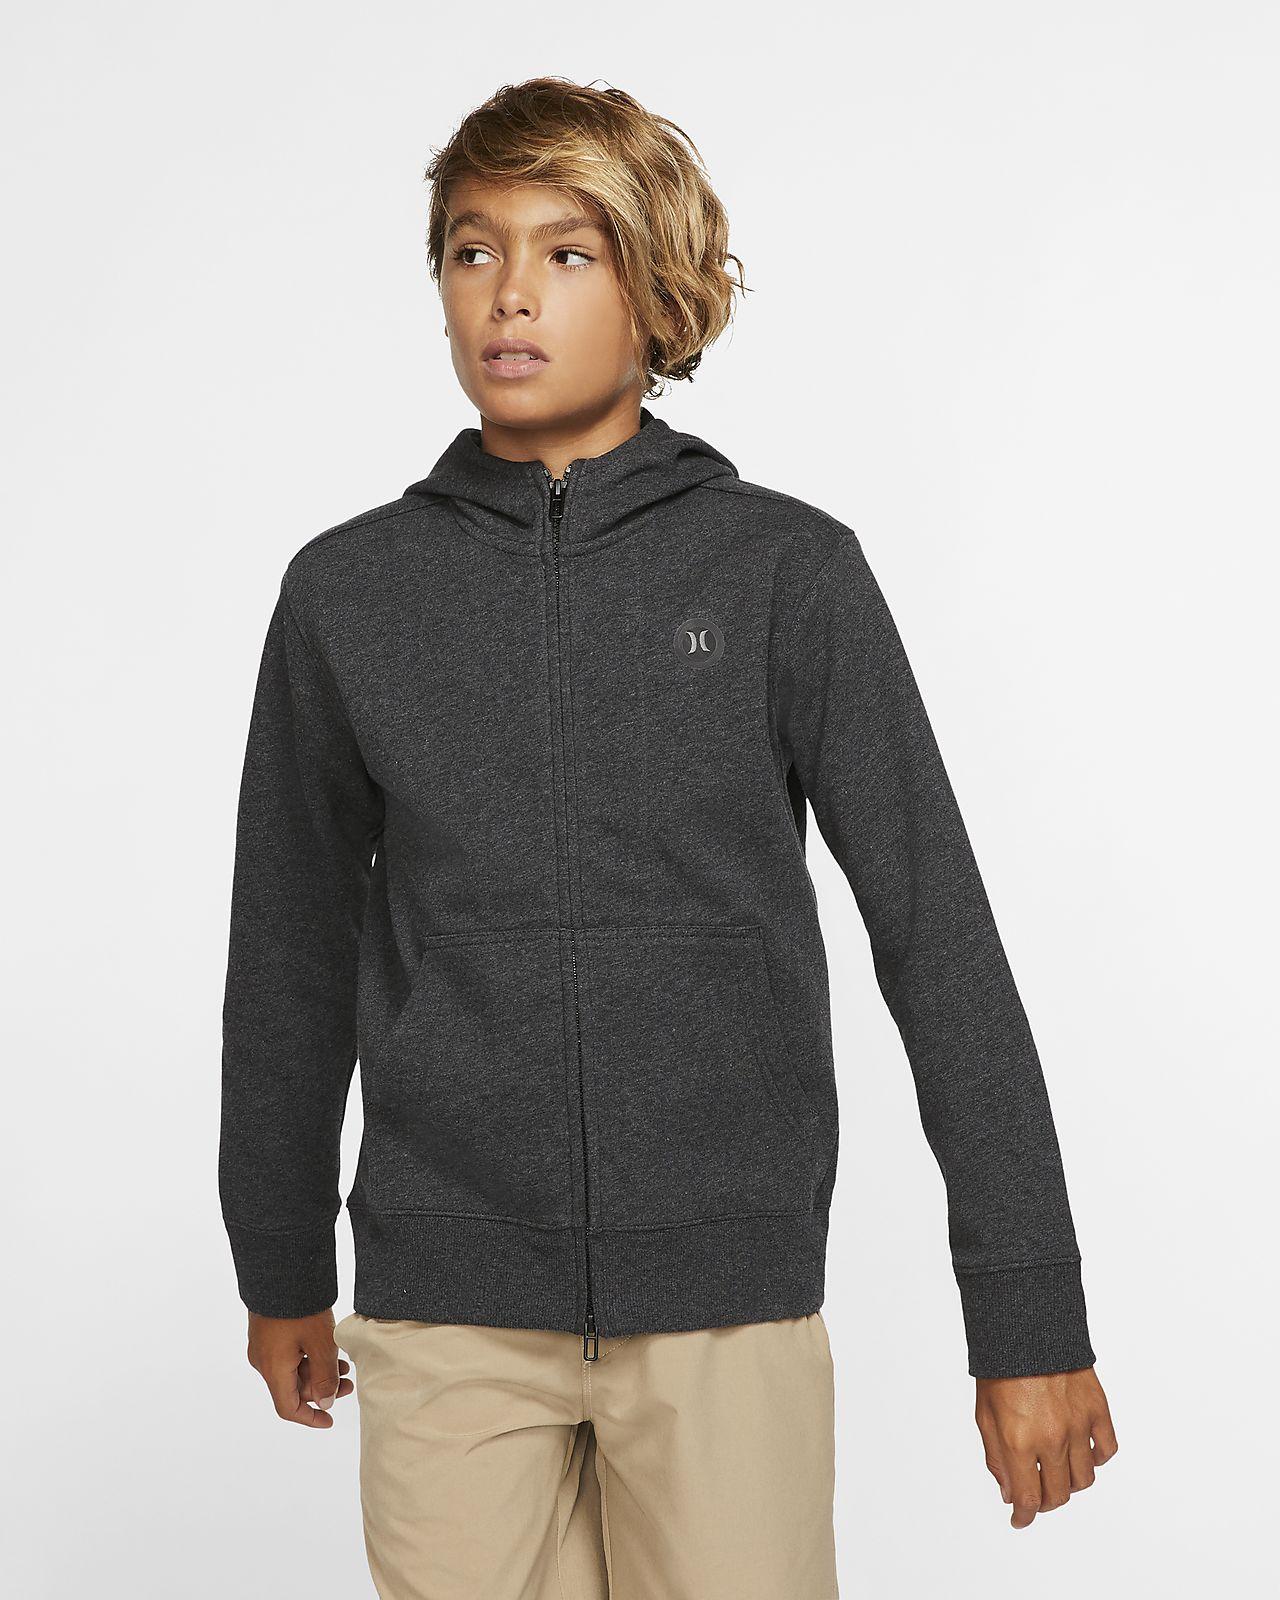 Hurley Therma Protect Boys' Full-Zip Fleece Hoodie